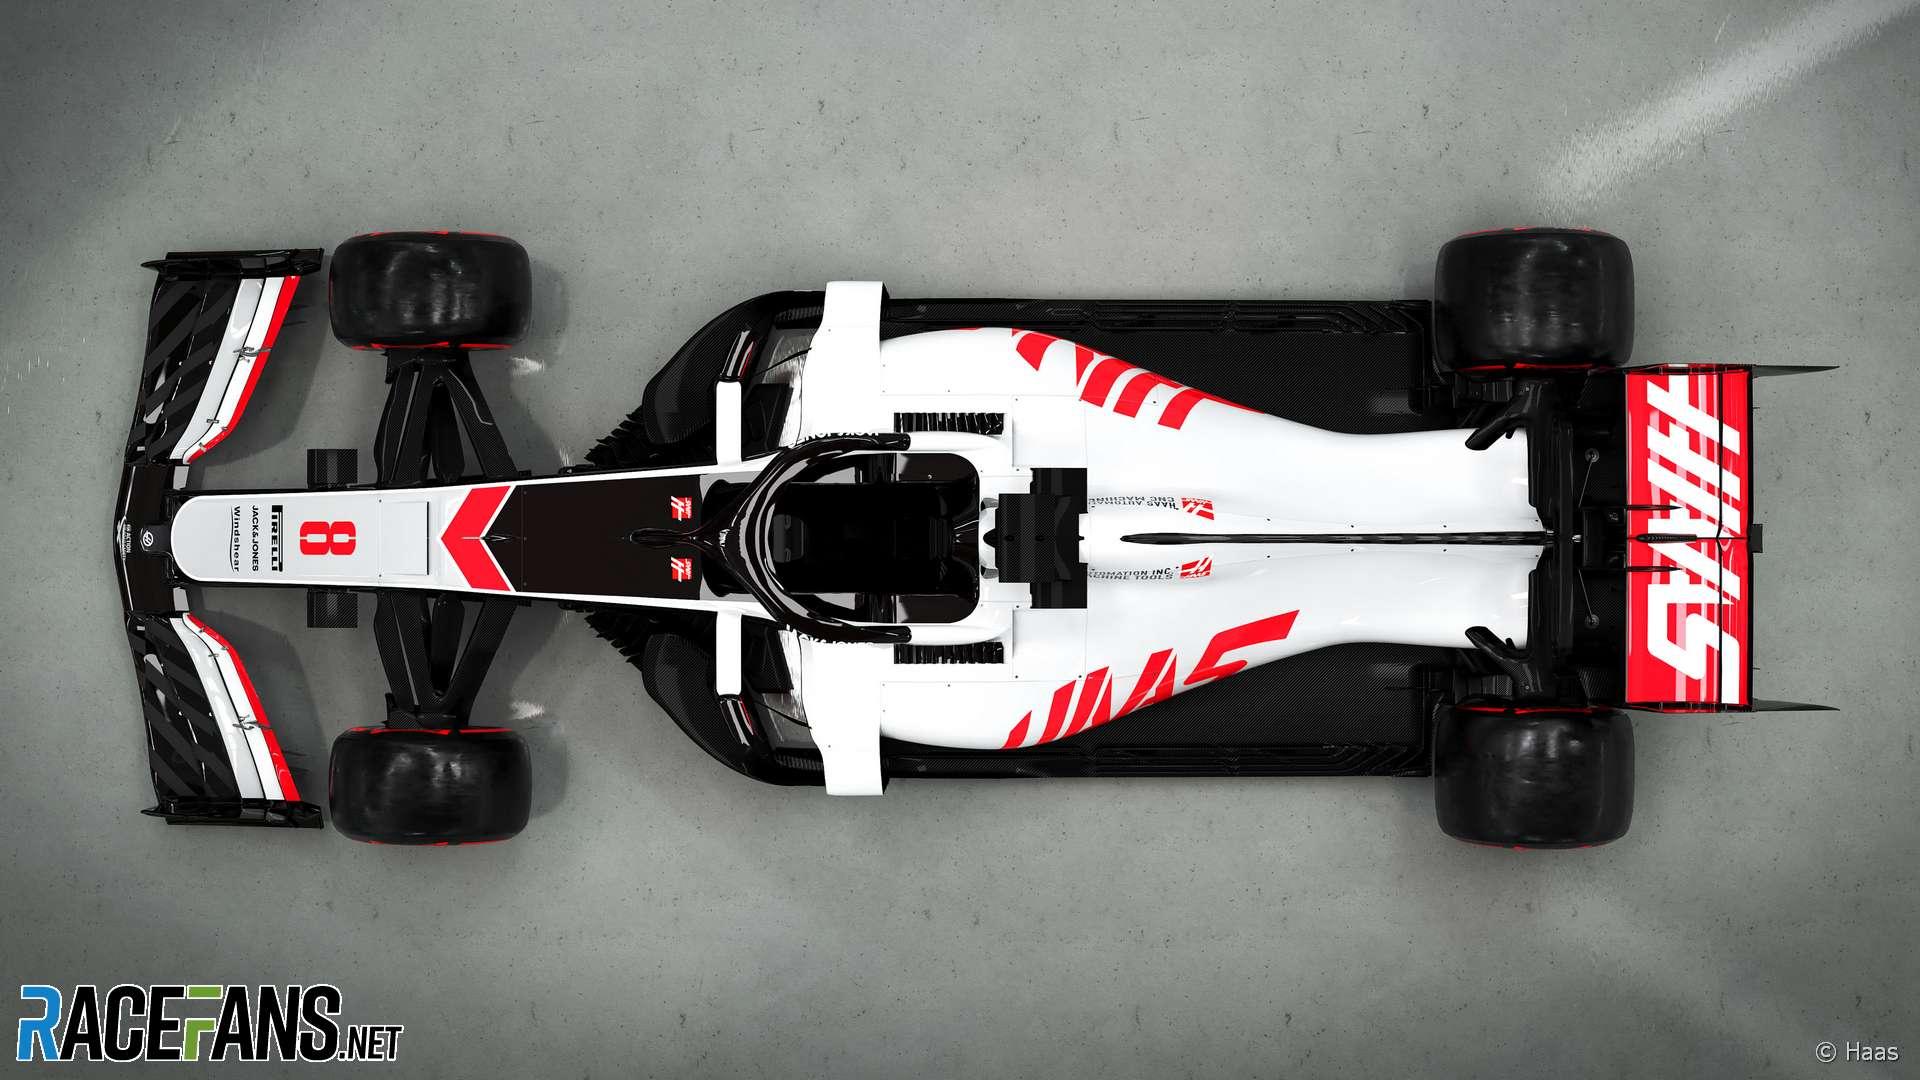 racefansdotnet-20200206-141230-1.jpg